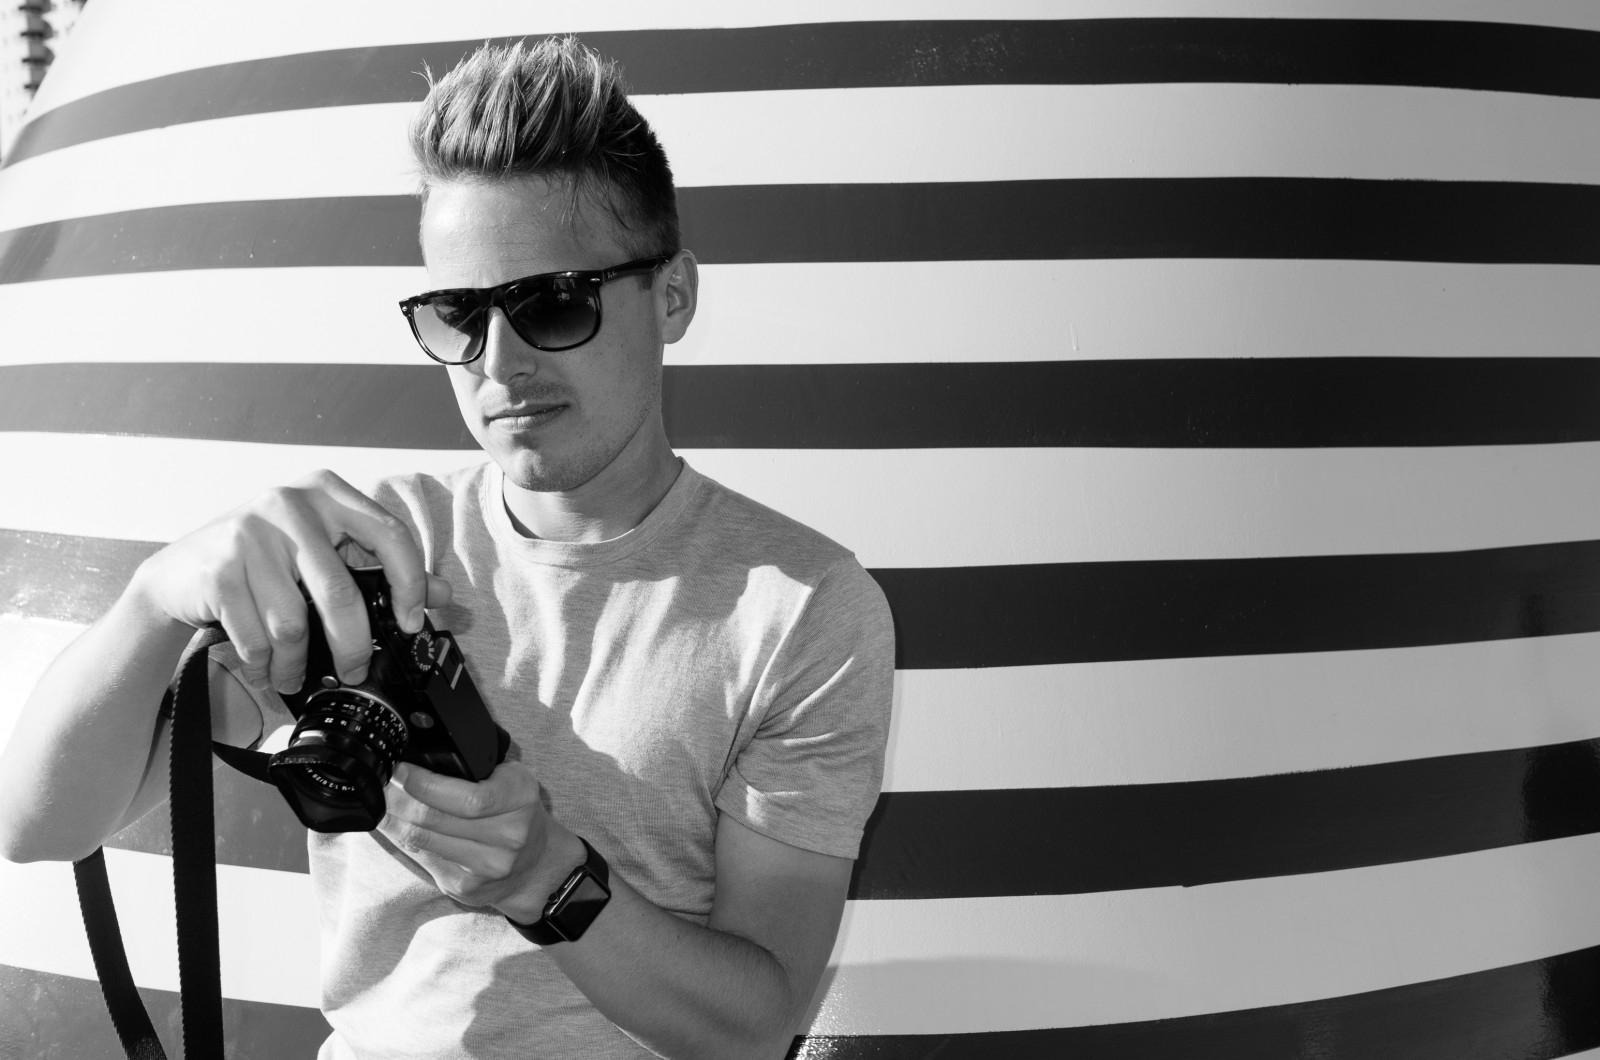 Leica_X-E_Article_Jip_van_Kuijk_53